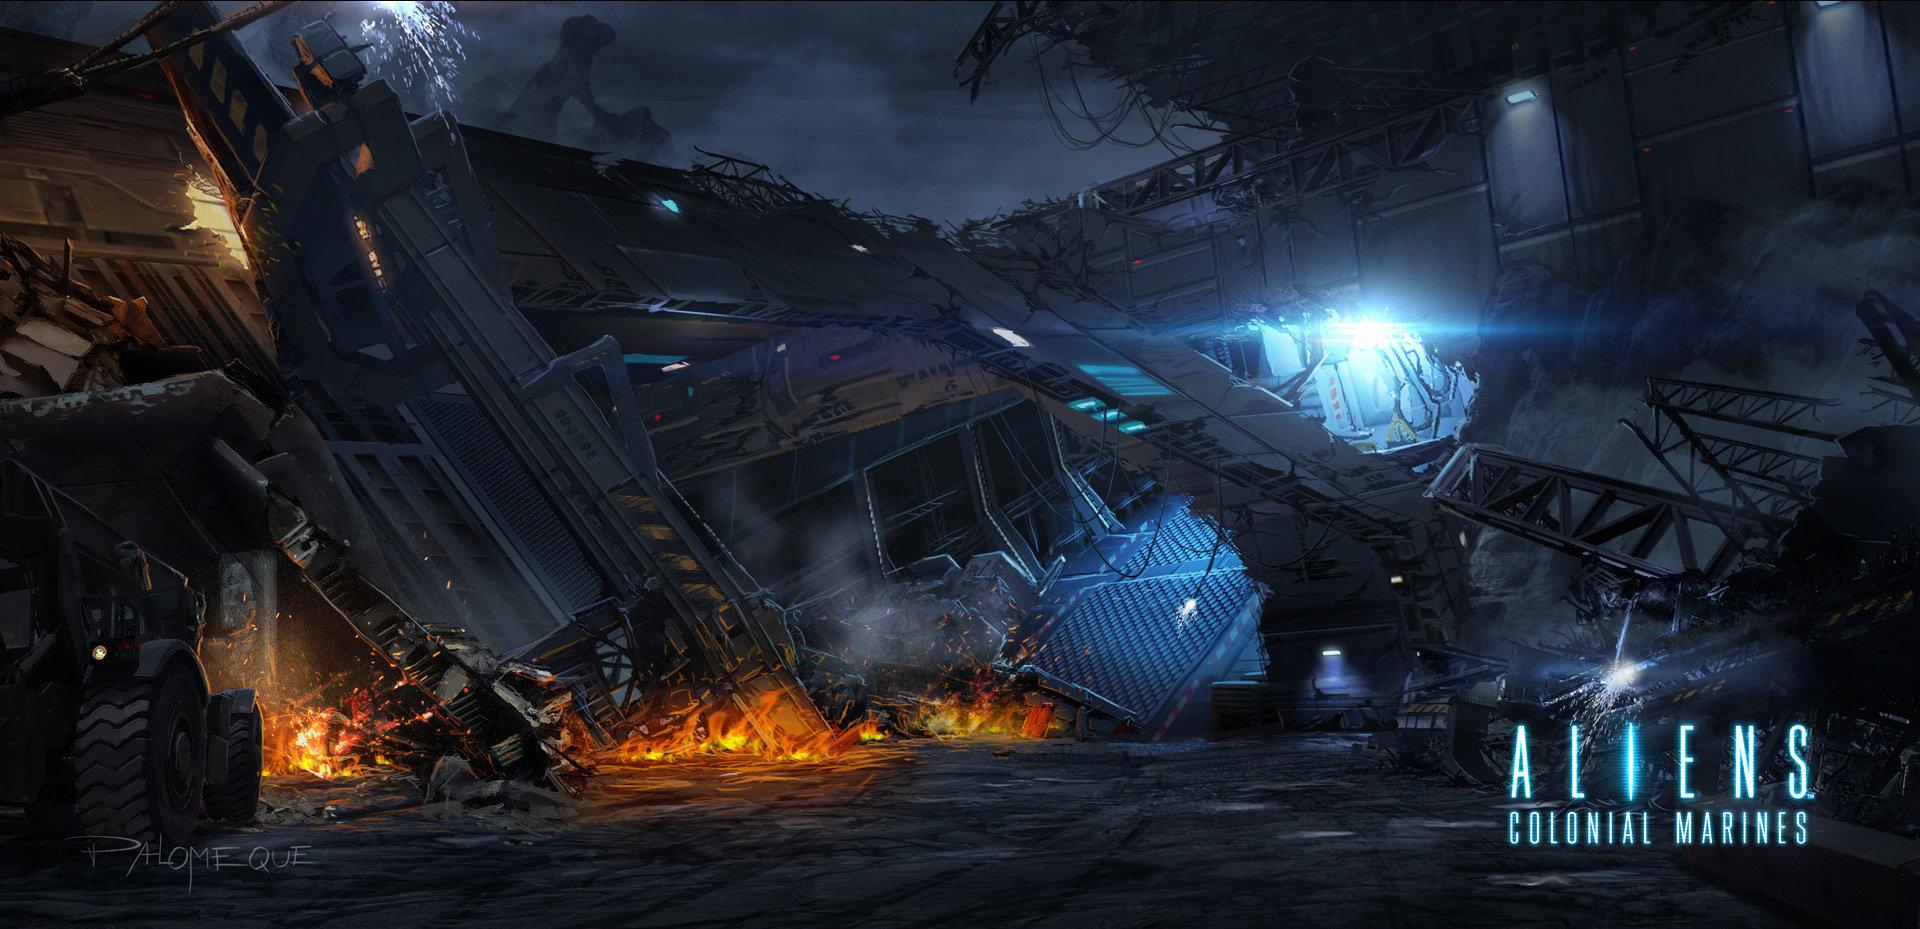 Pablo palomeque acm exterior wreckage 1